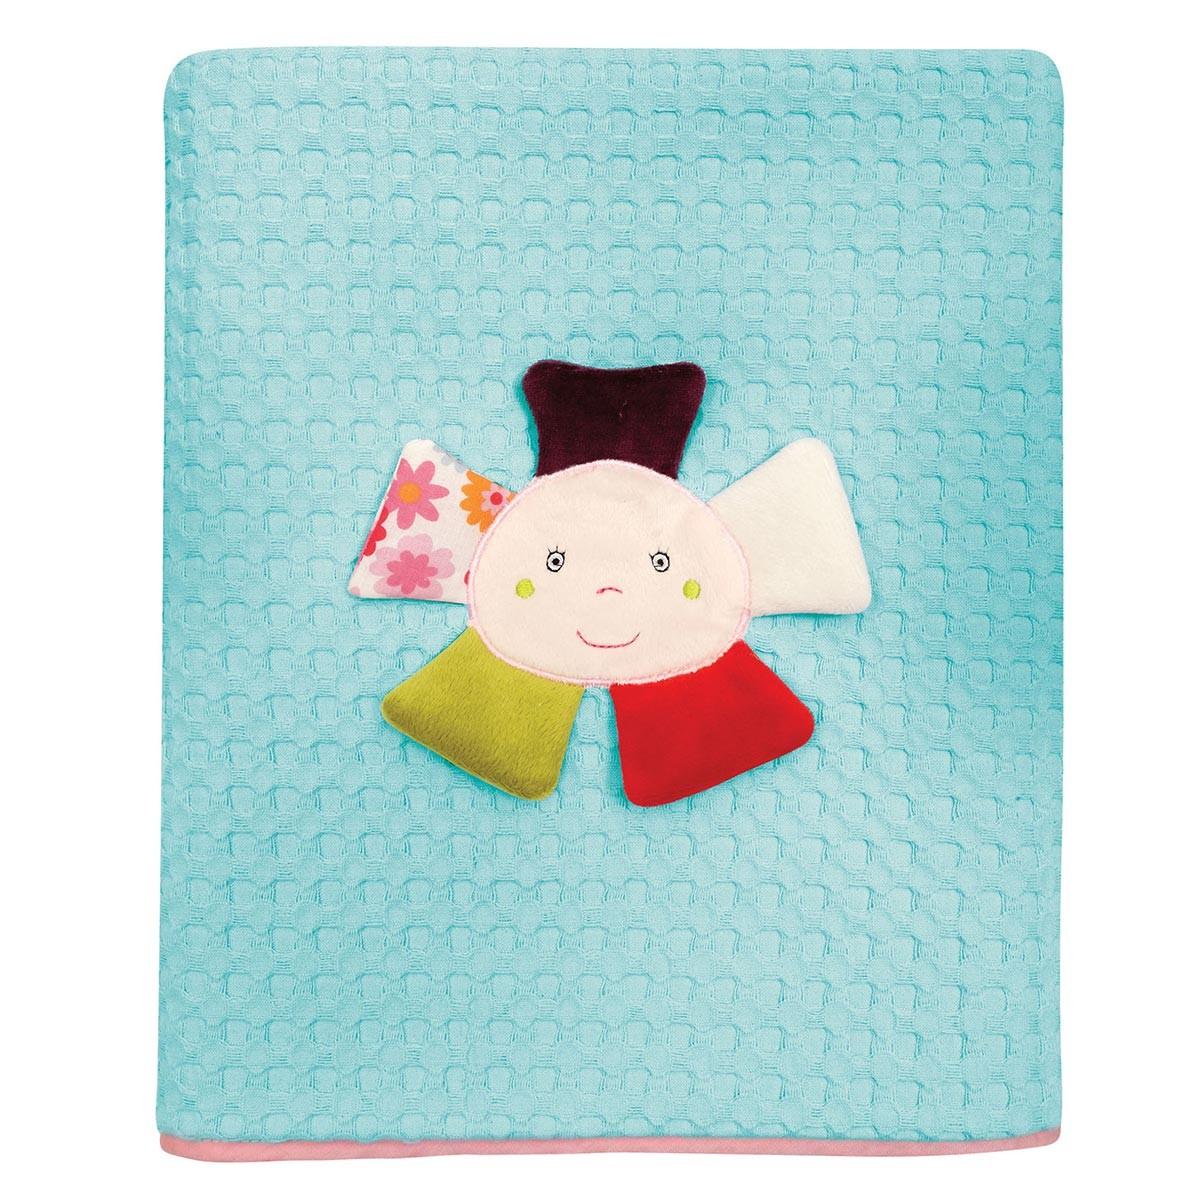 Κουβέρτα Πικέ Αγκαλιάς Das Home Dream Embroidery 6396